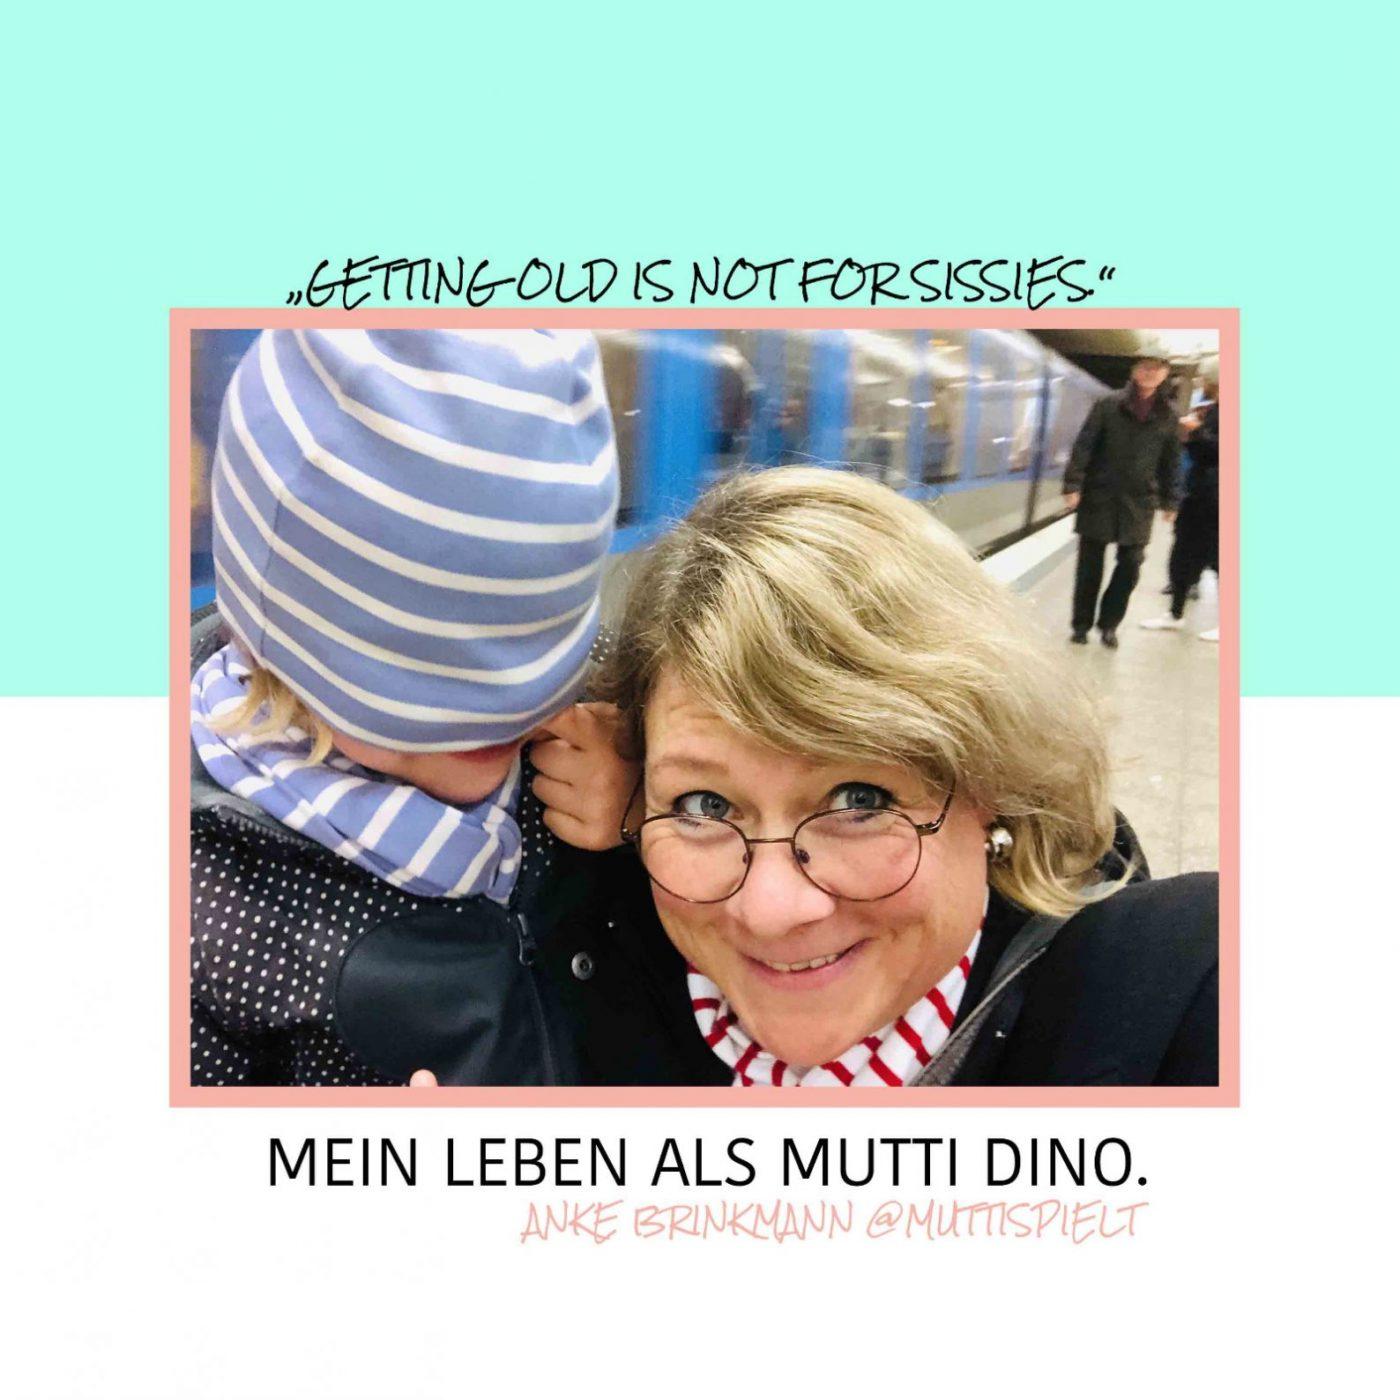 """Photo of Spätes Mutterglück: """"Ich muss keine Supermutti mehr sein. Ich pflege mich nicht für gekaufte Geburtstagskuchen und pädagogisch nicht sinnvolles Spielzeug zu schämen. Ich bin so unperfekt, da kann man sich mal hängen lassen."""""""